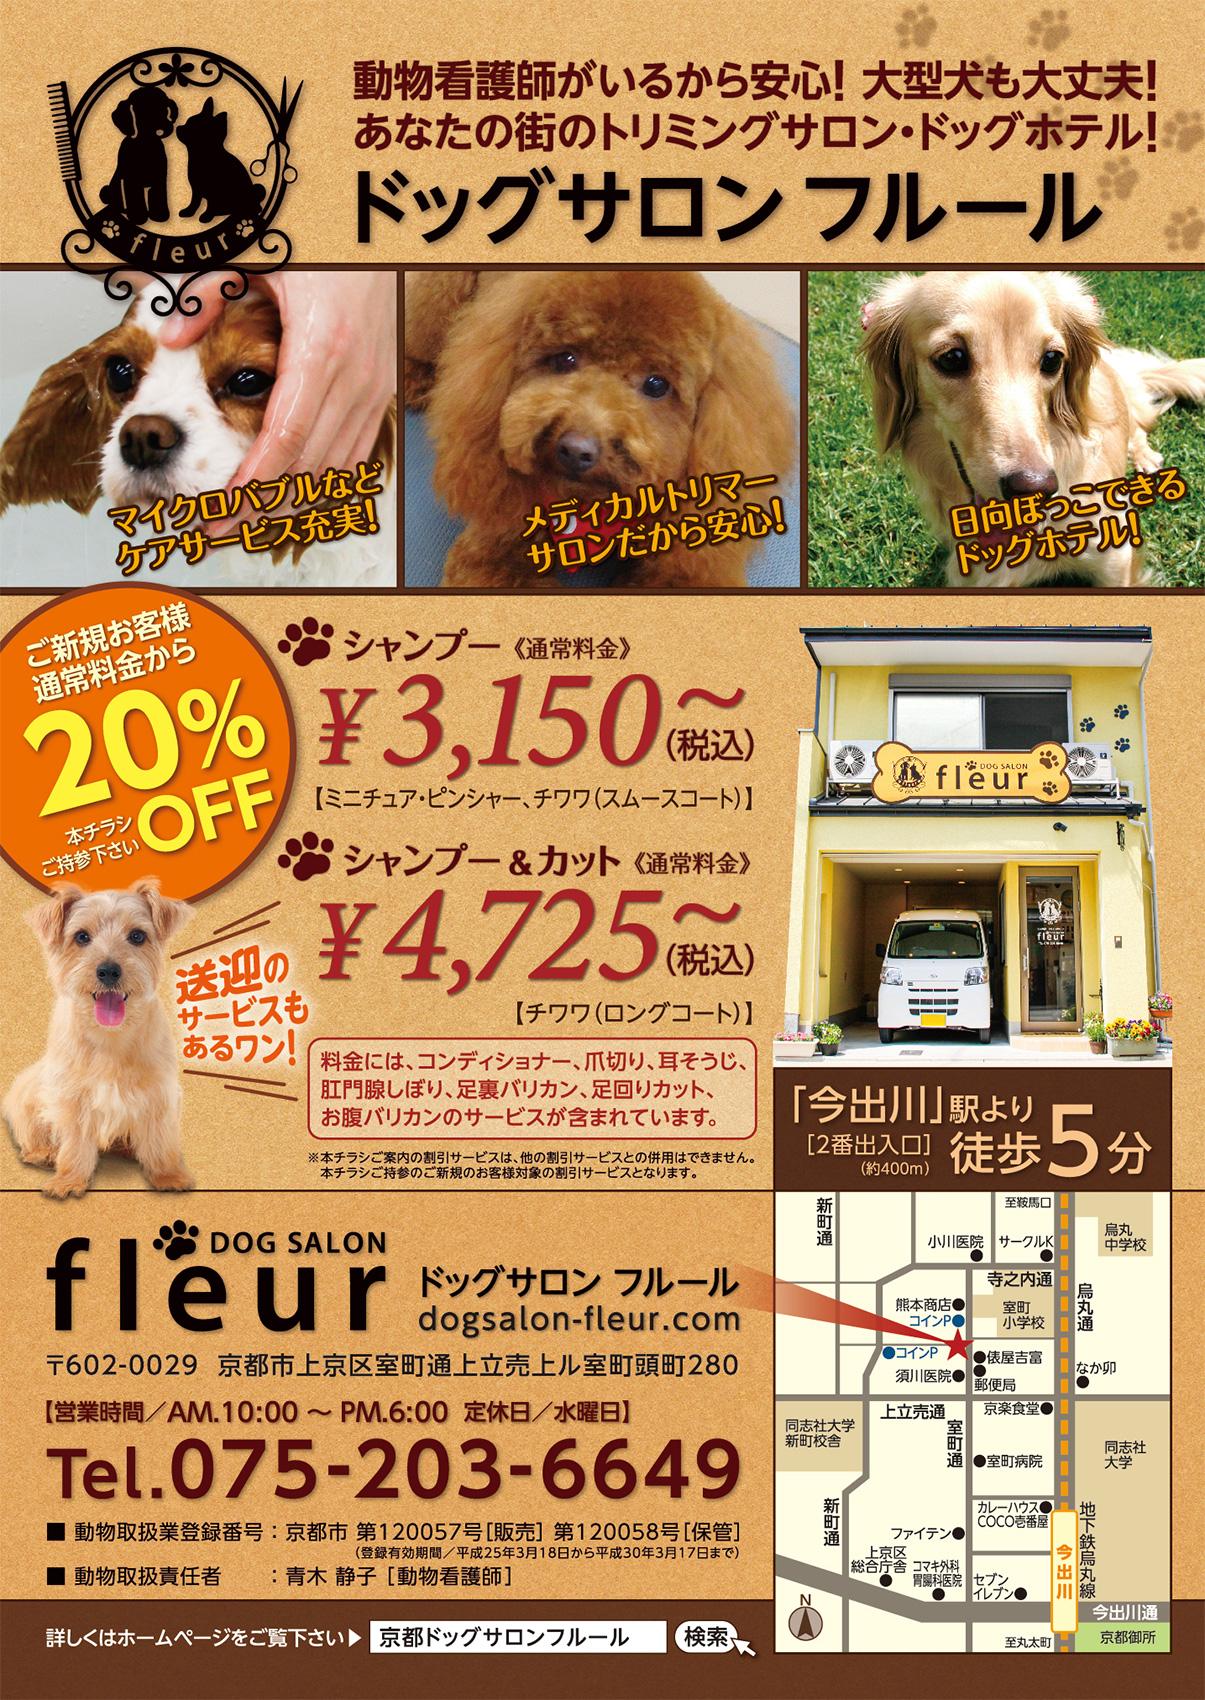 B5チラシ 京都のドッグサロンフルール